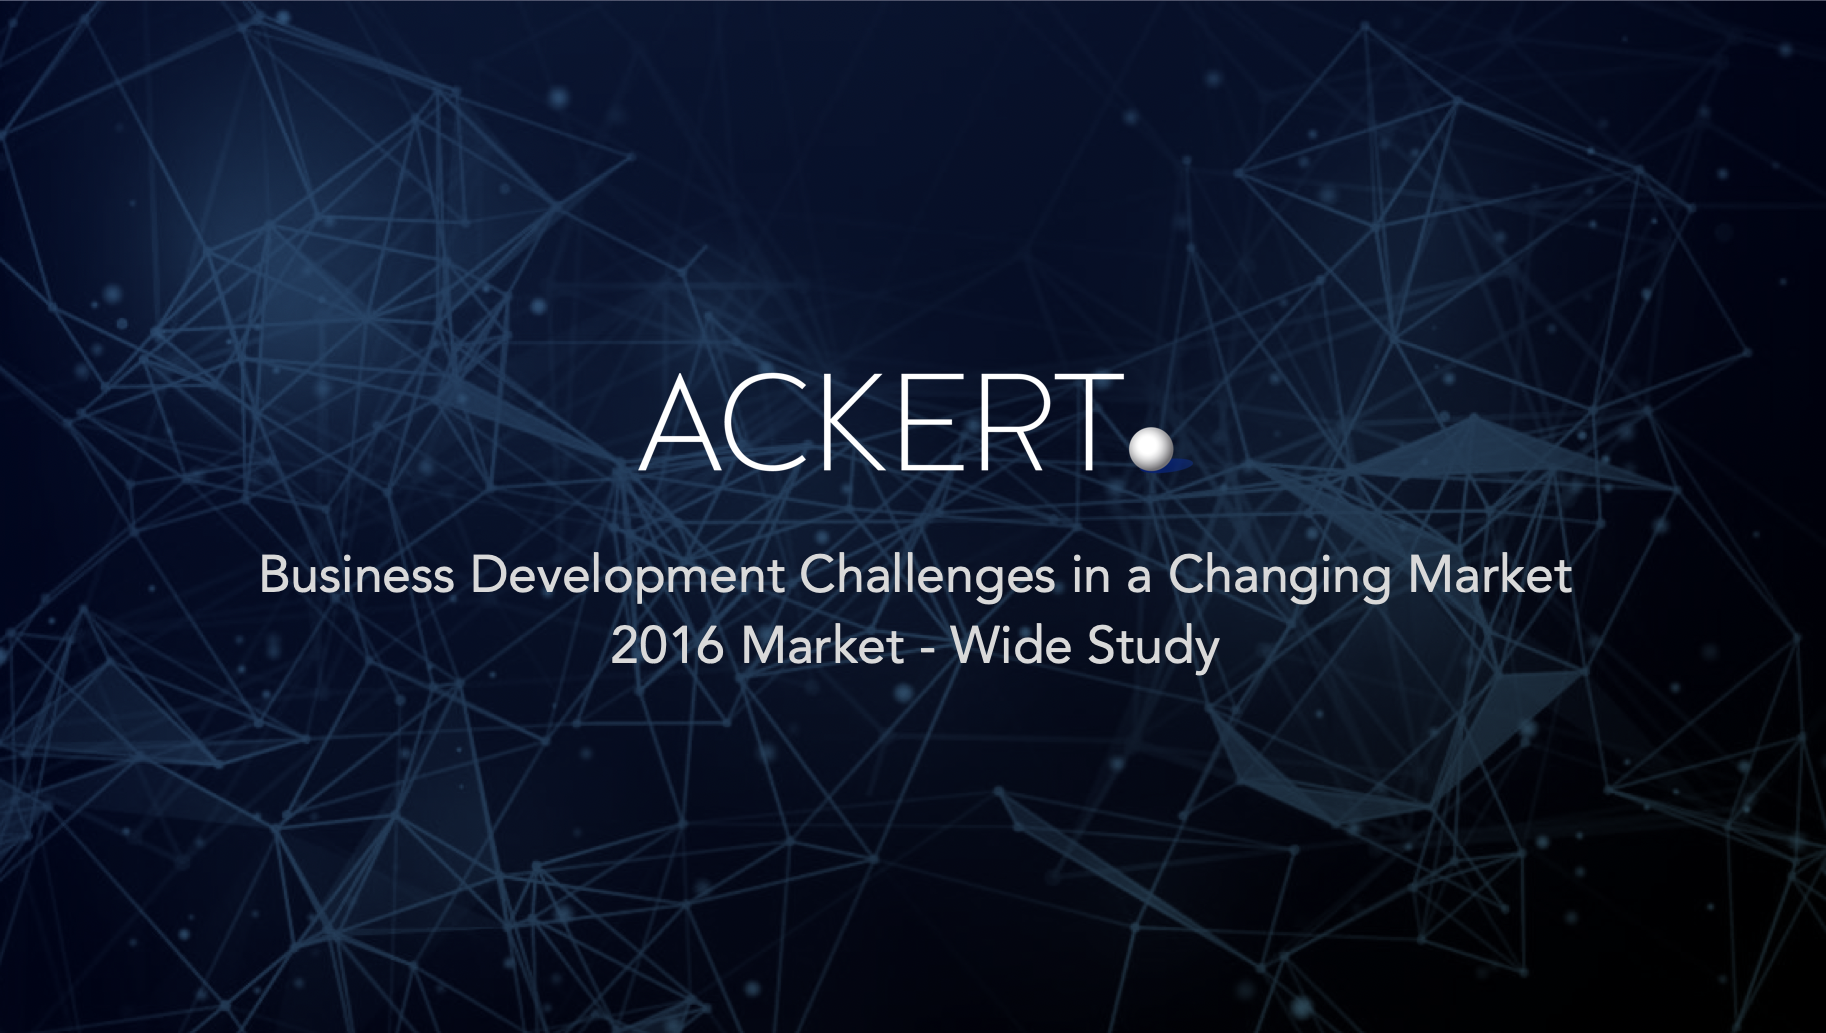 header ackert business development challenges 2016 market-wide study